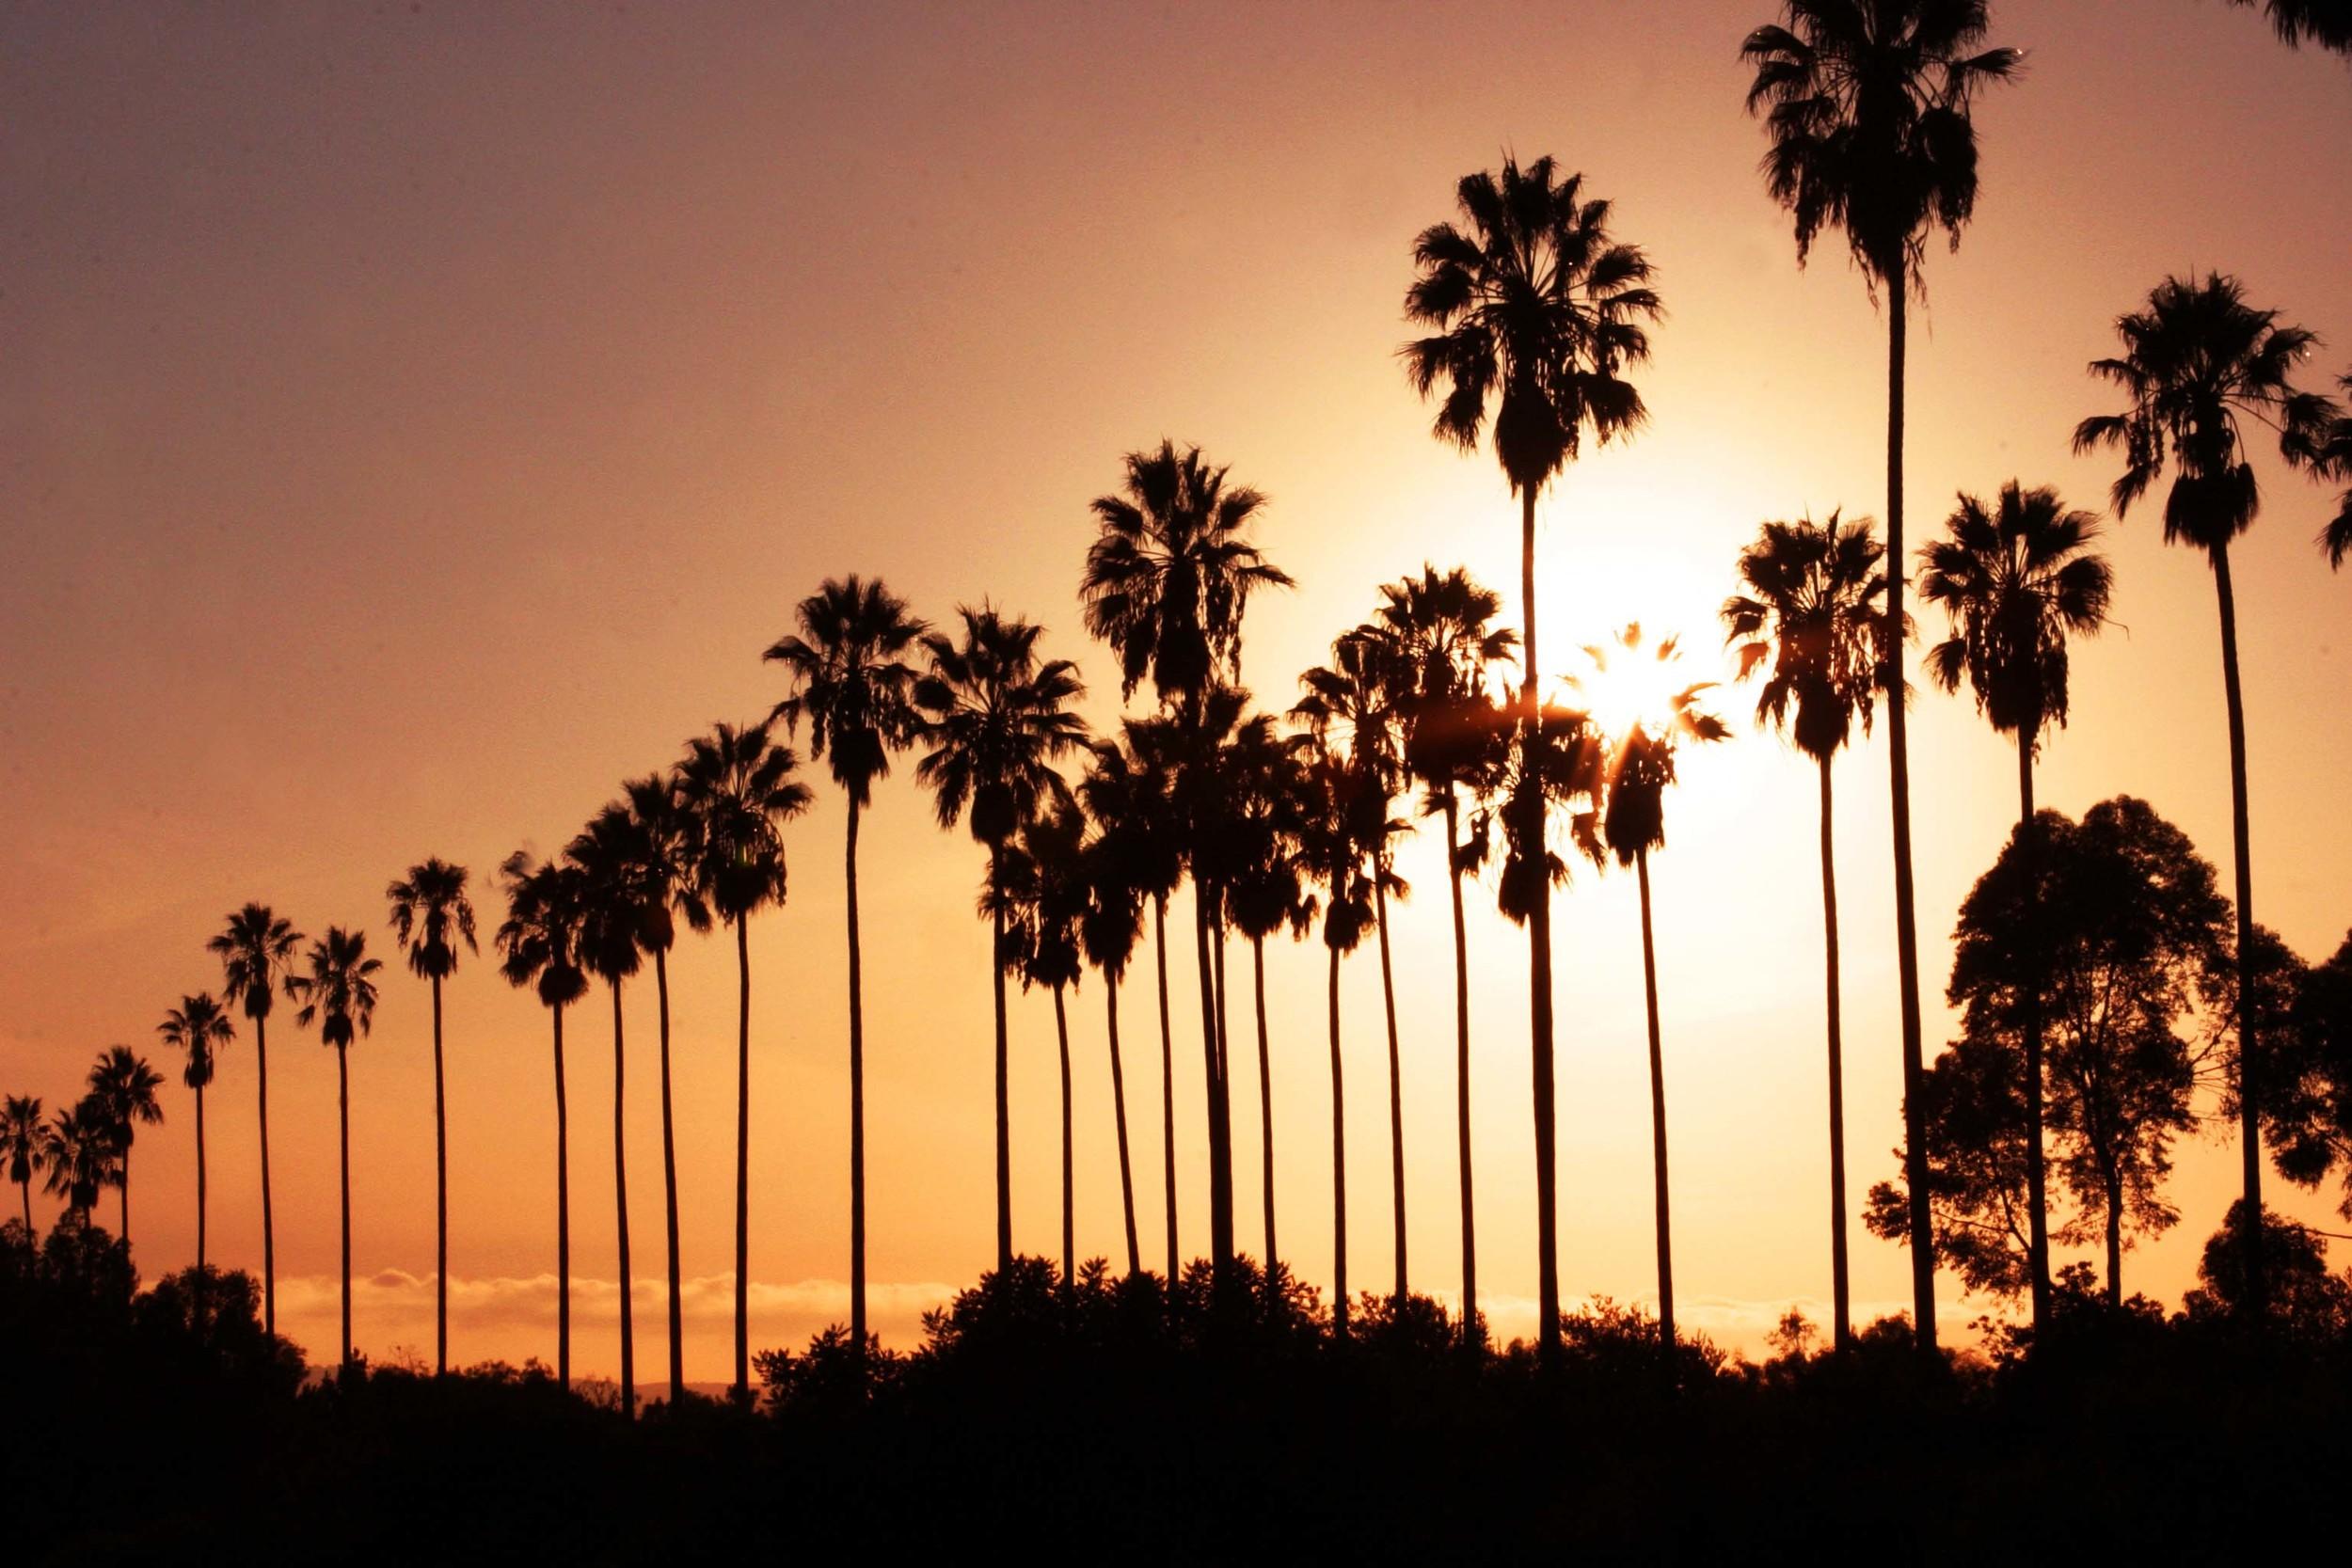 palmsW.jpg